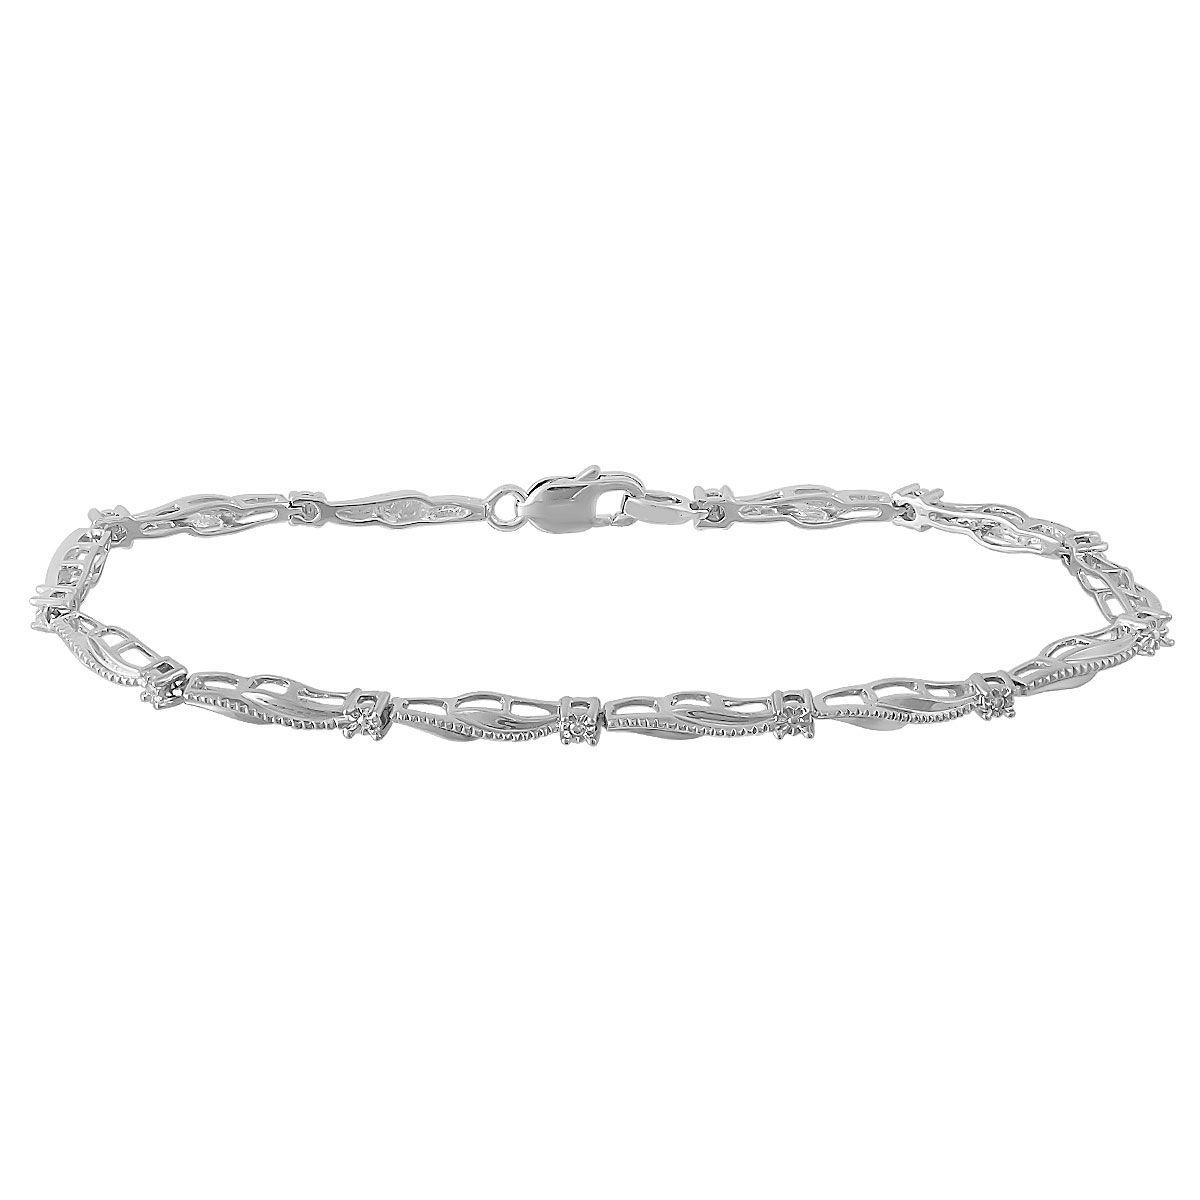 Diamond Accent Bypass Link Bracelet